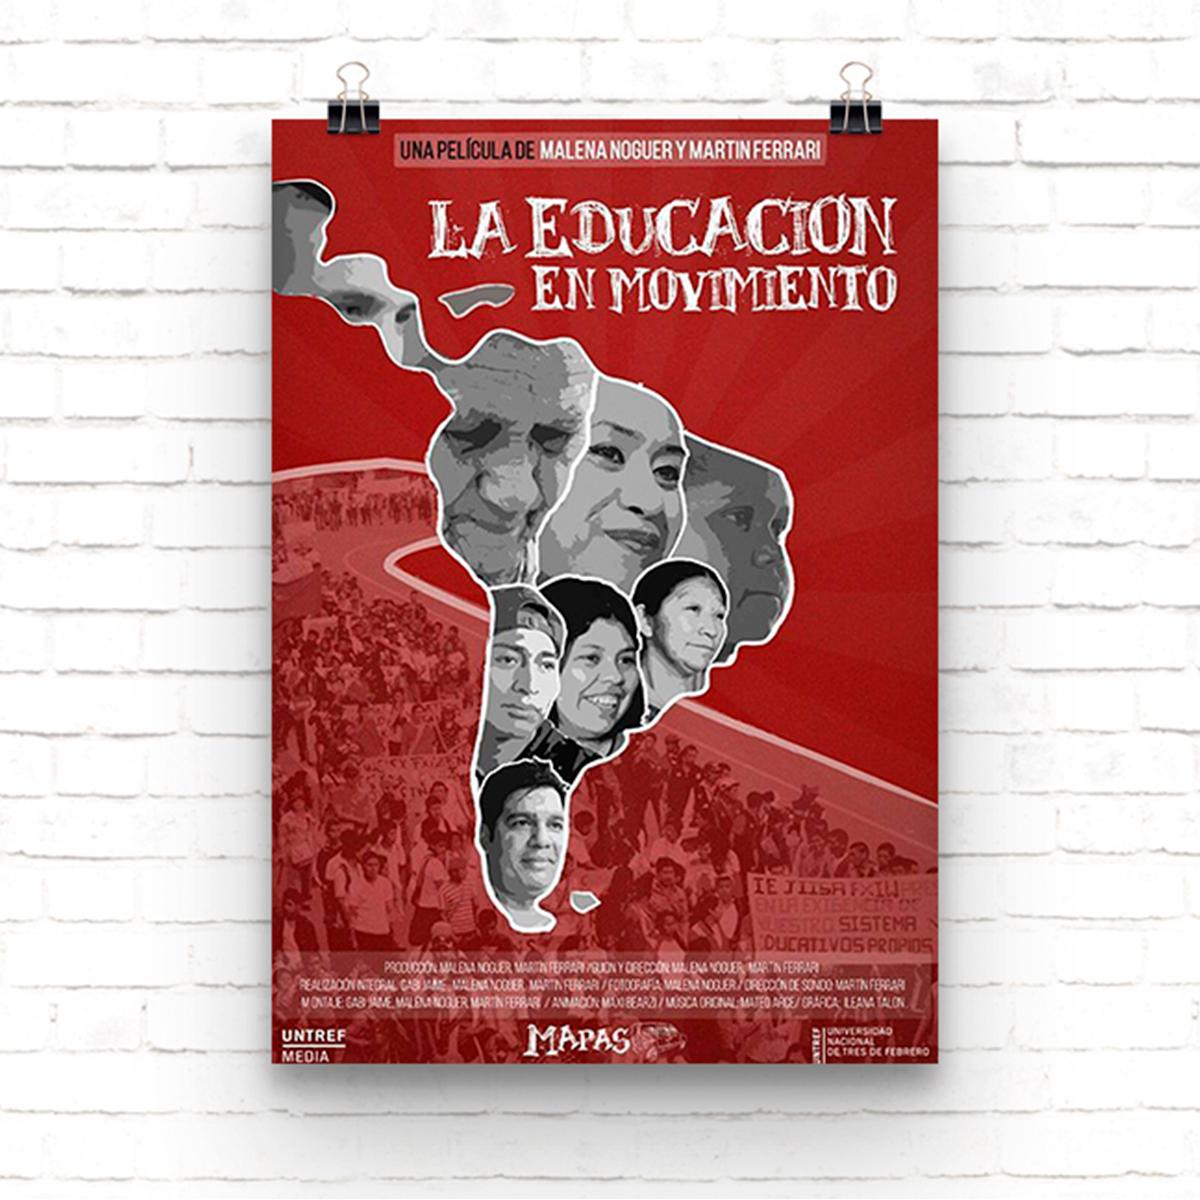 LA-EDUCACION-EN-MOVIMIENTO-CUADRADO